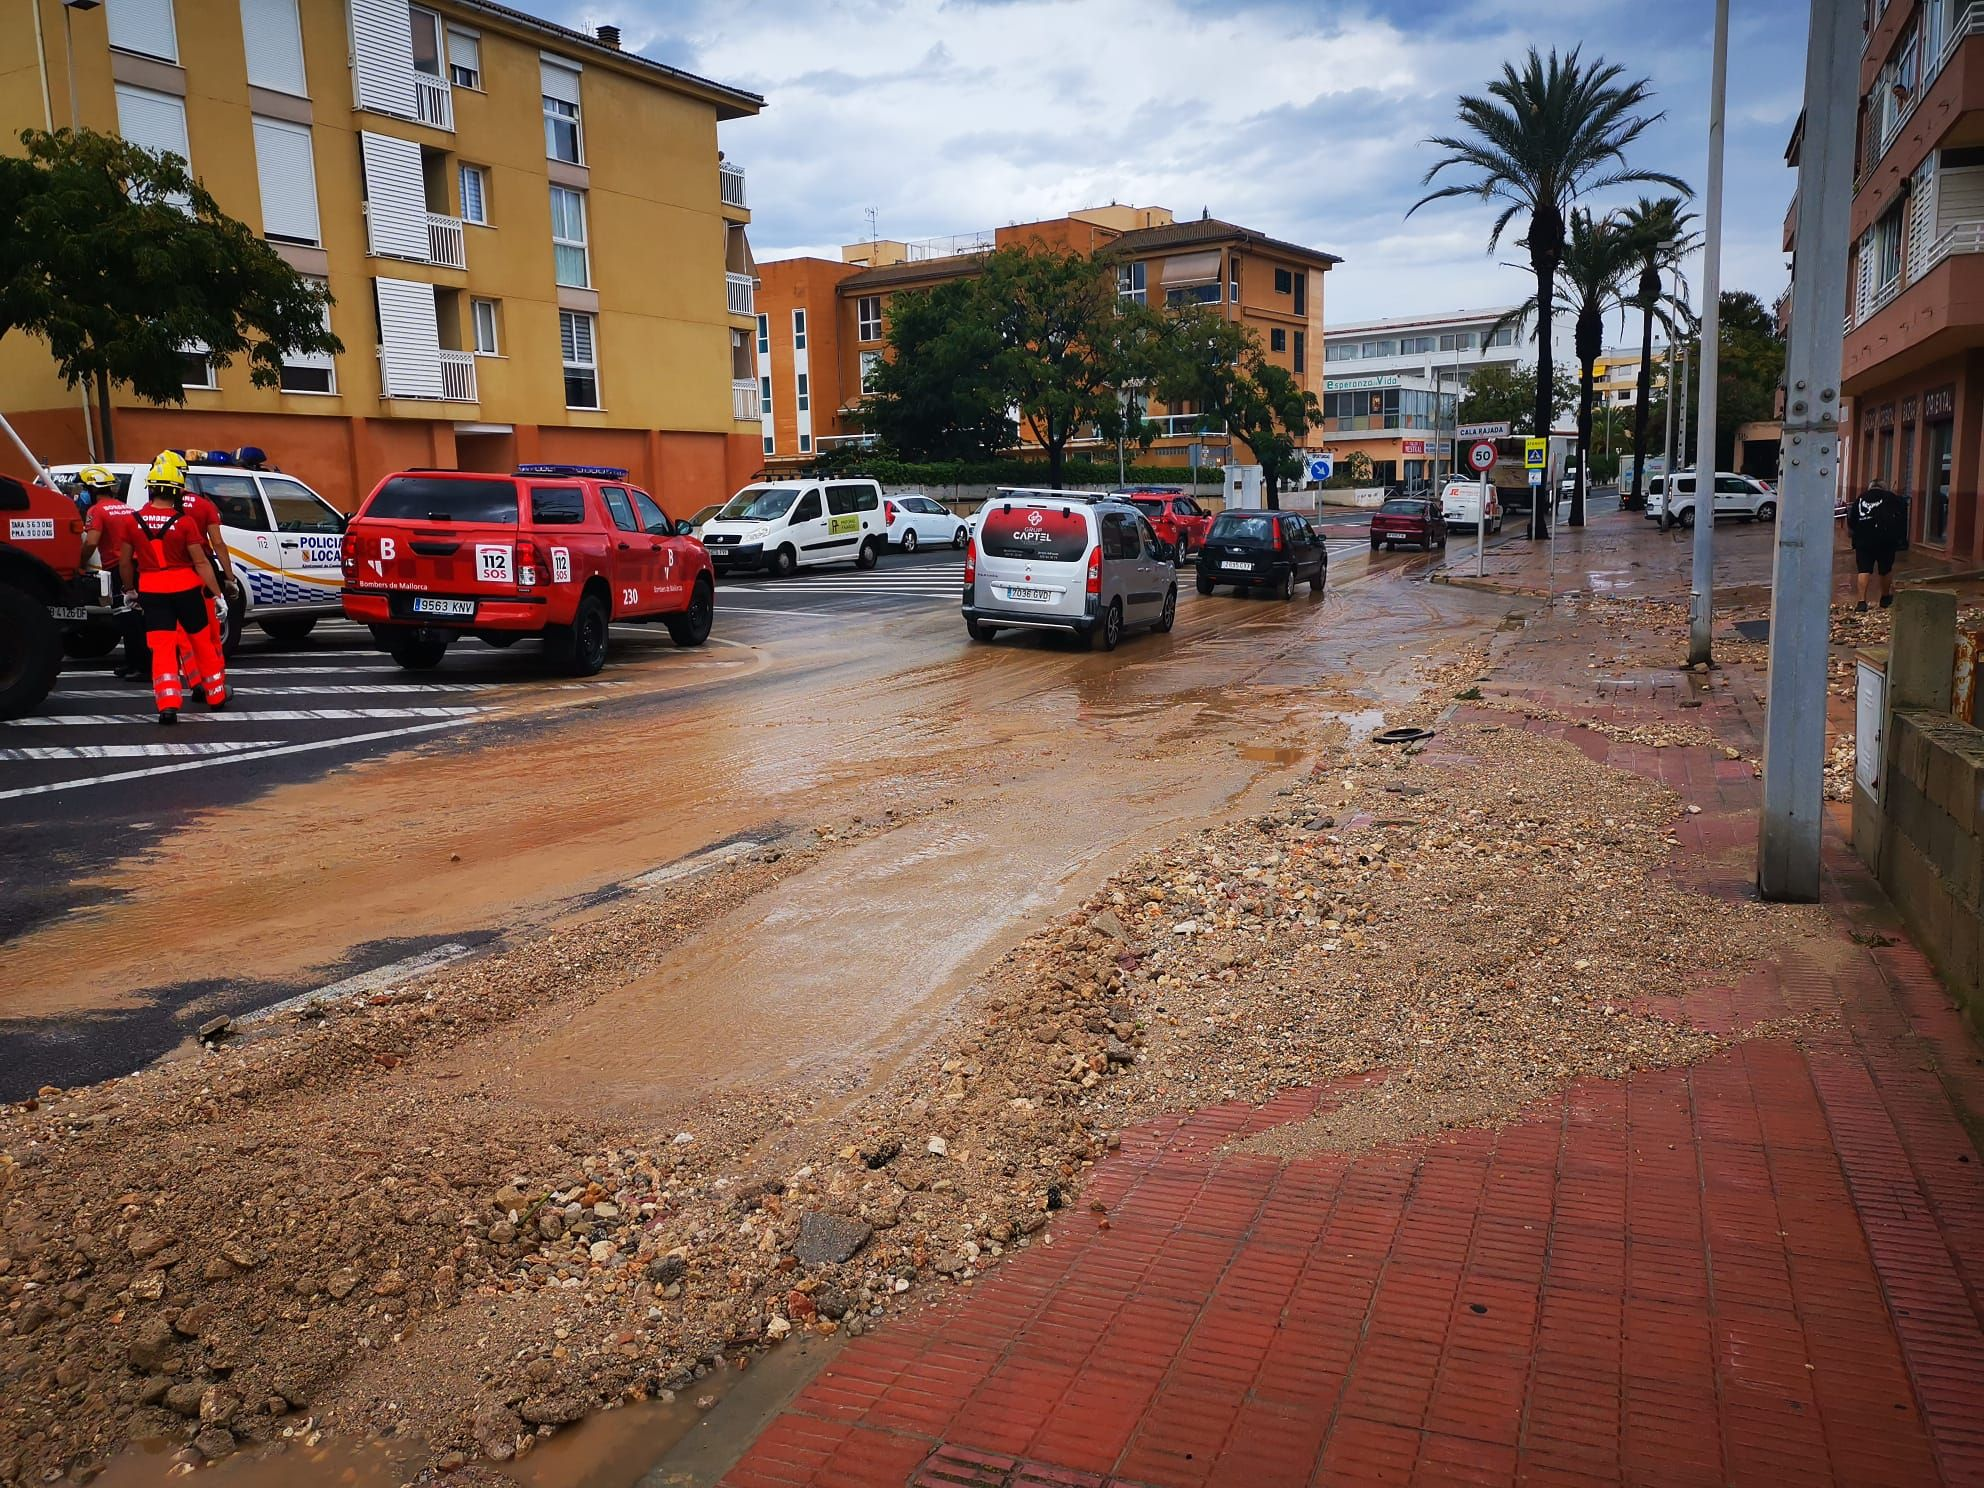 Intensas lluvias e incidentes en el noreste de Mallorca